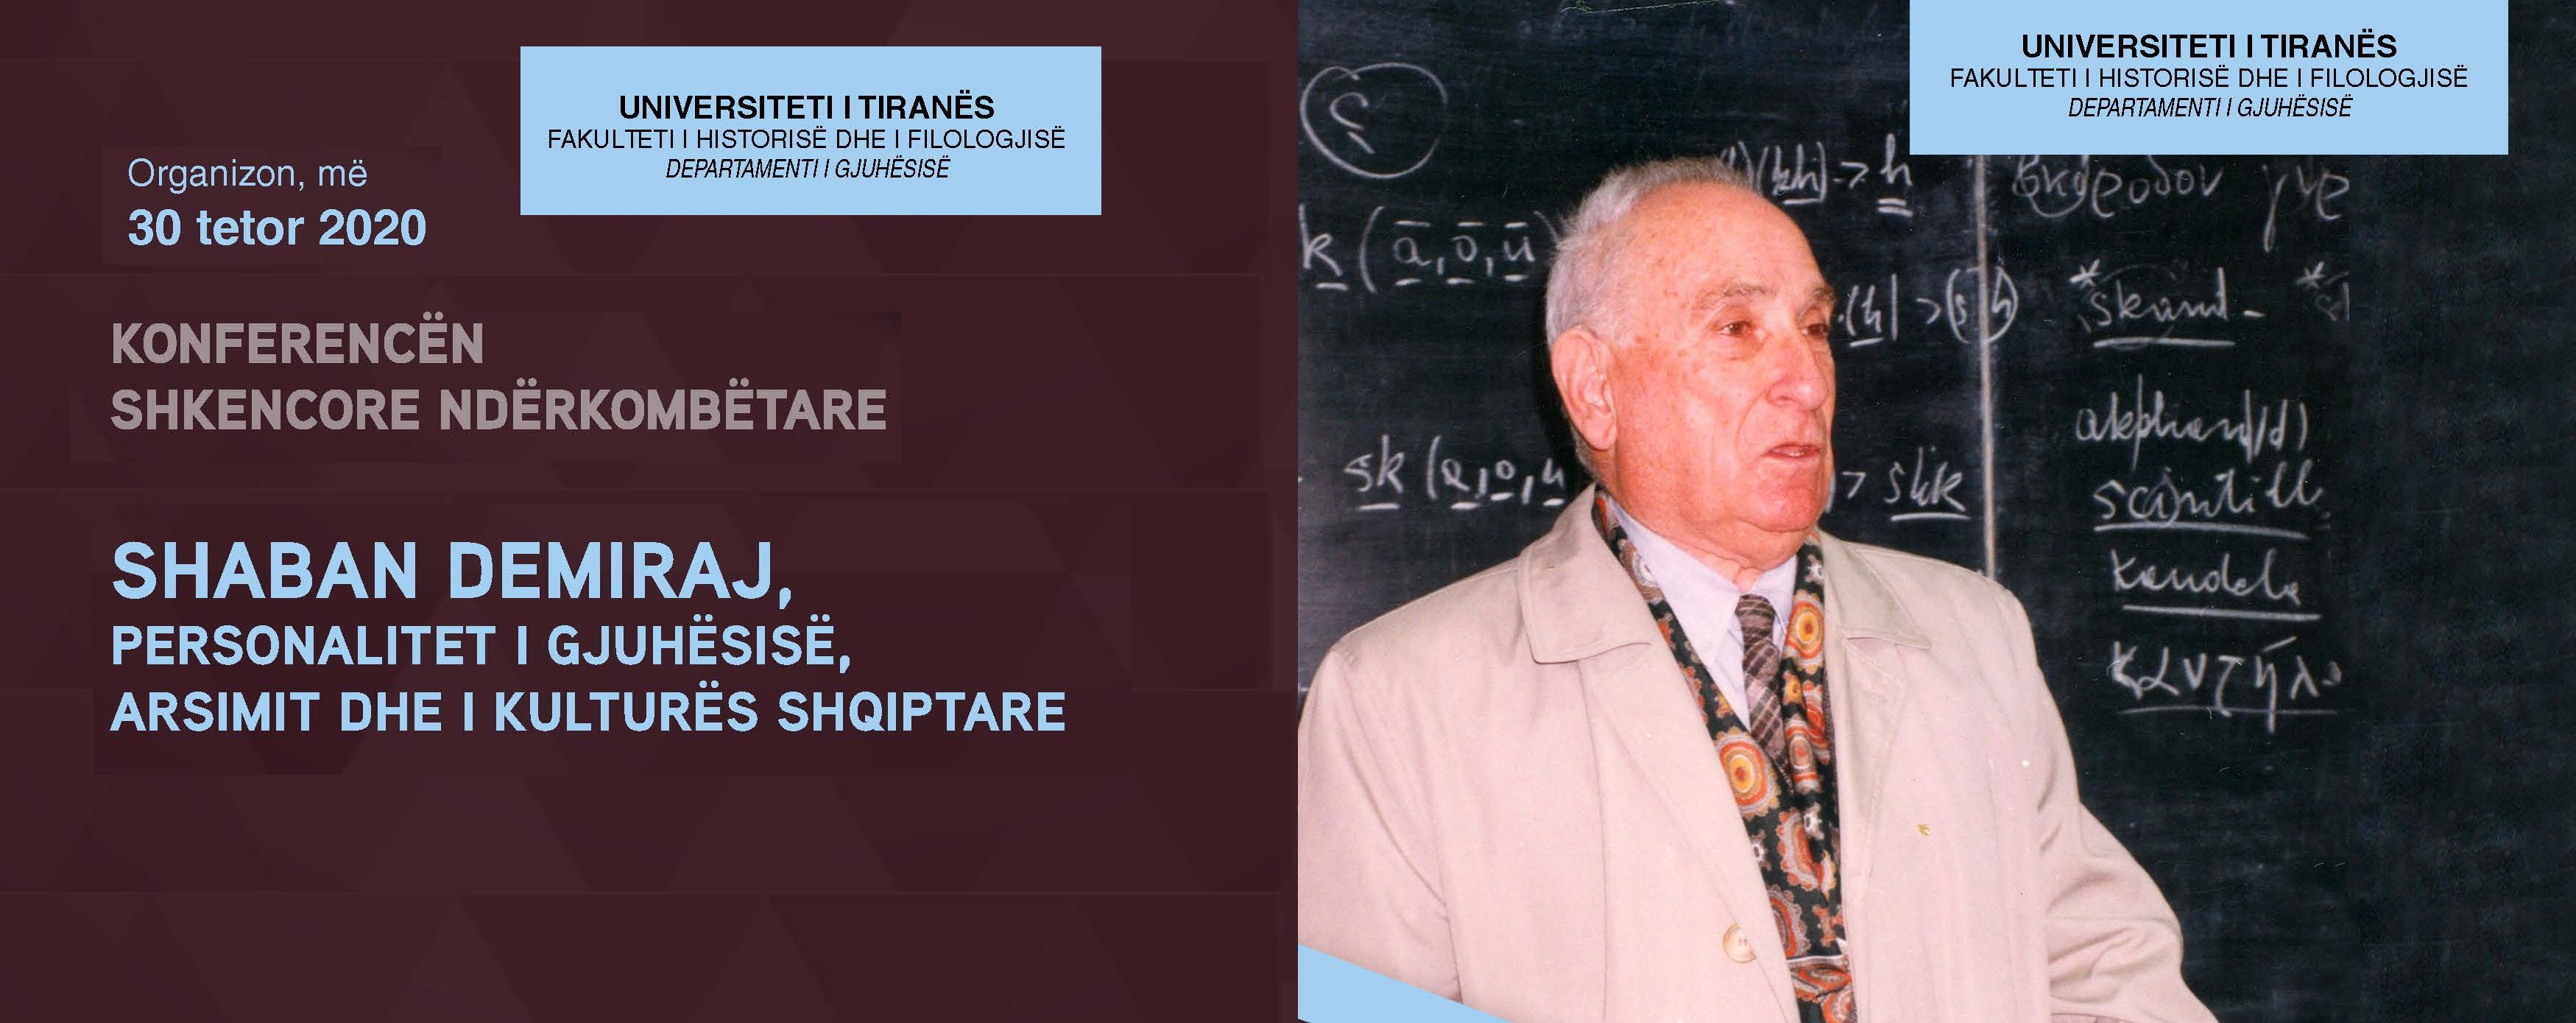 """Konferencë shkencore ndërkombëtare """"Shaban Demiraj, personalitet i gjuhësisë, arsimit dhe i kulturës shqiptare"""""""